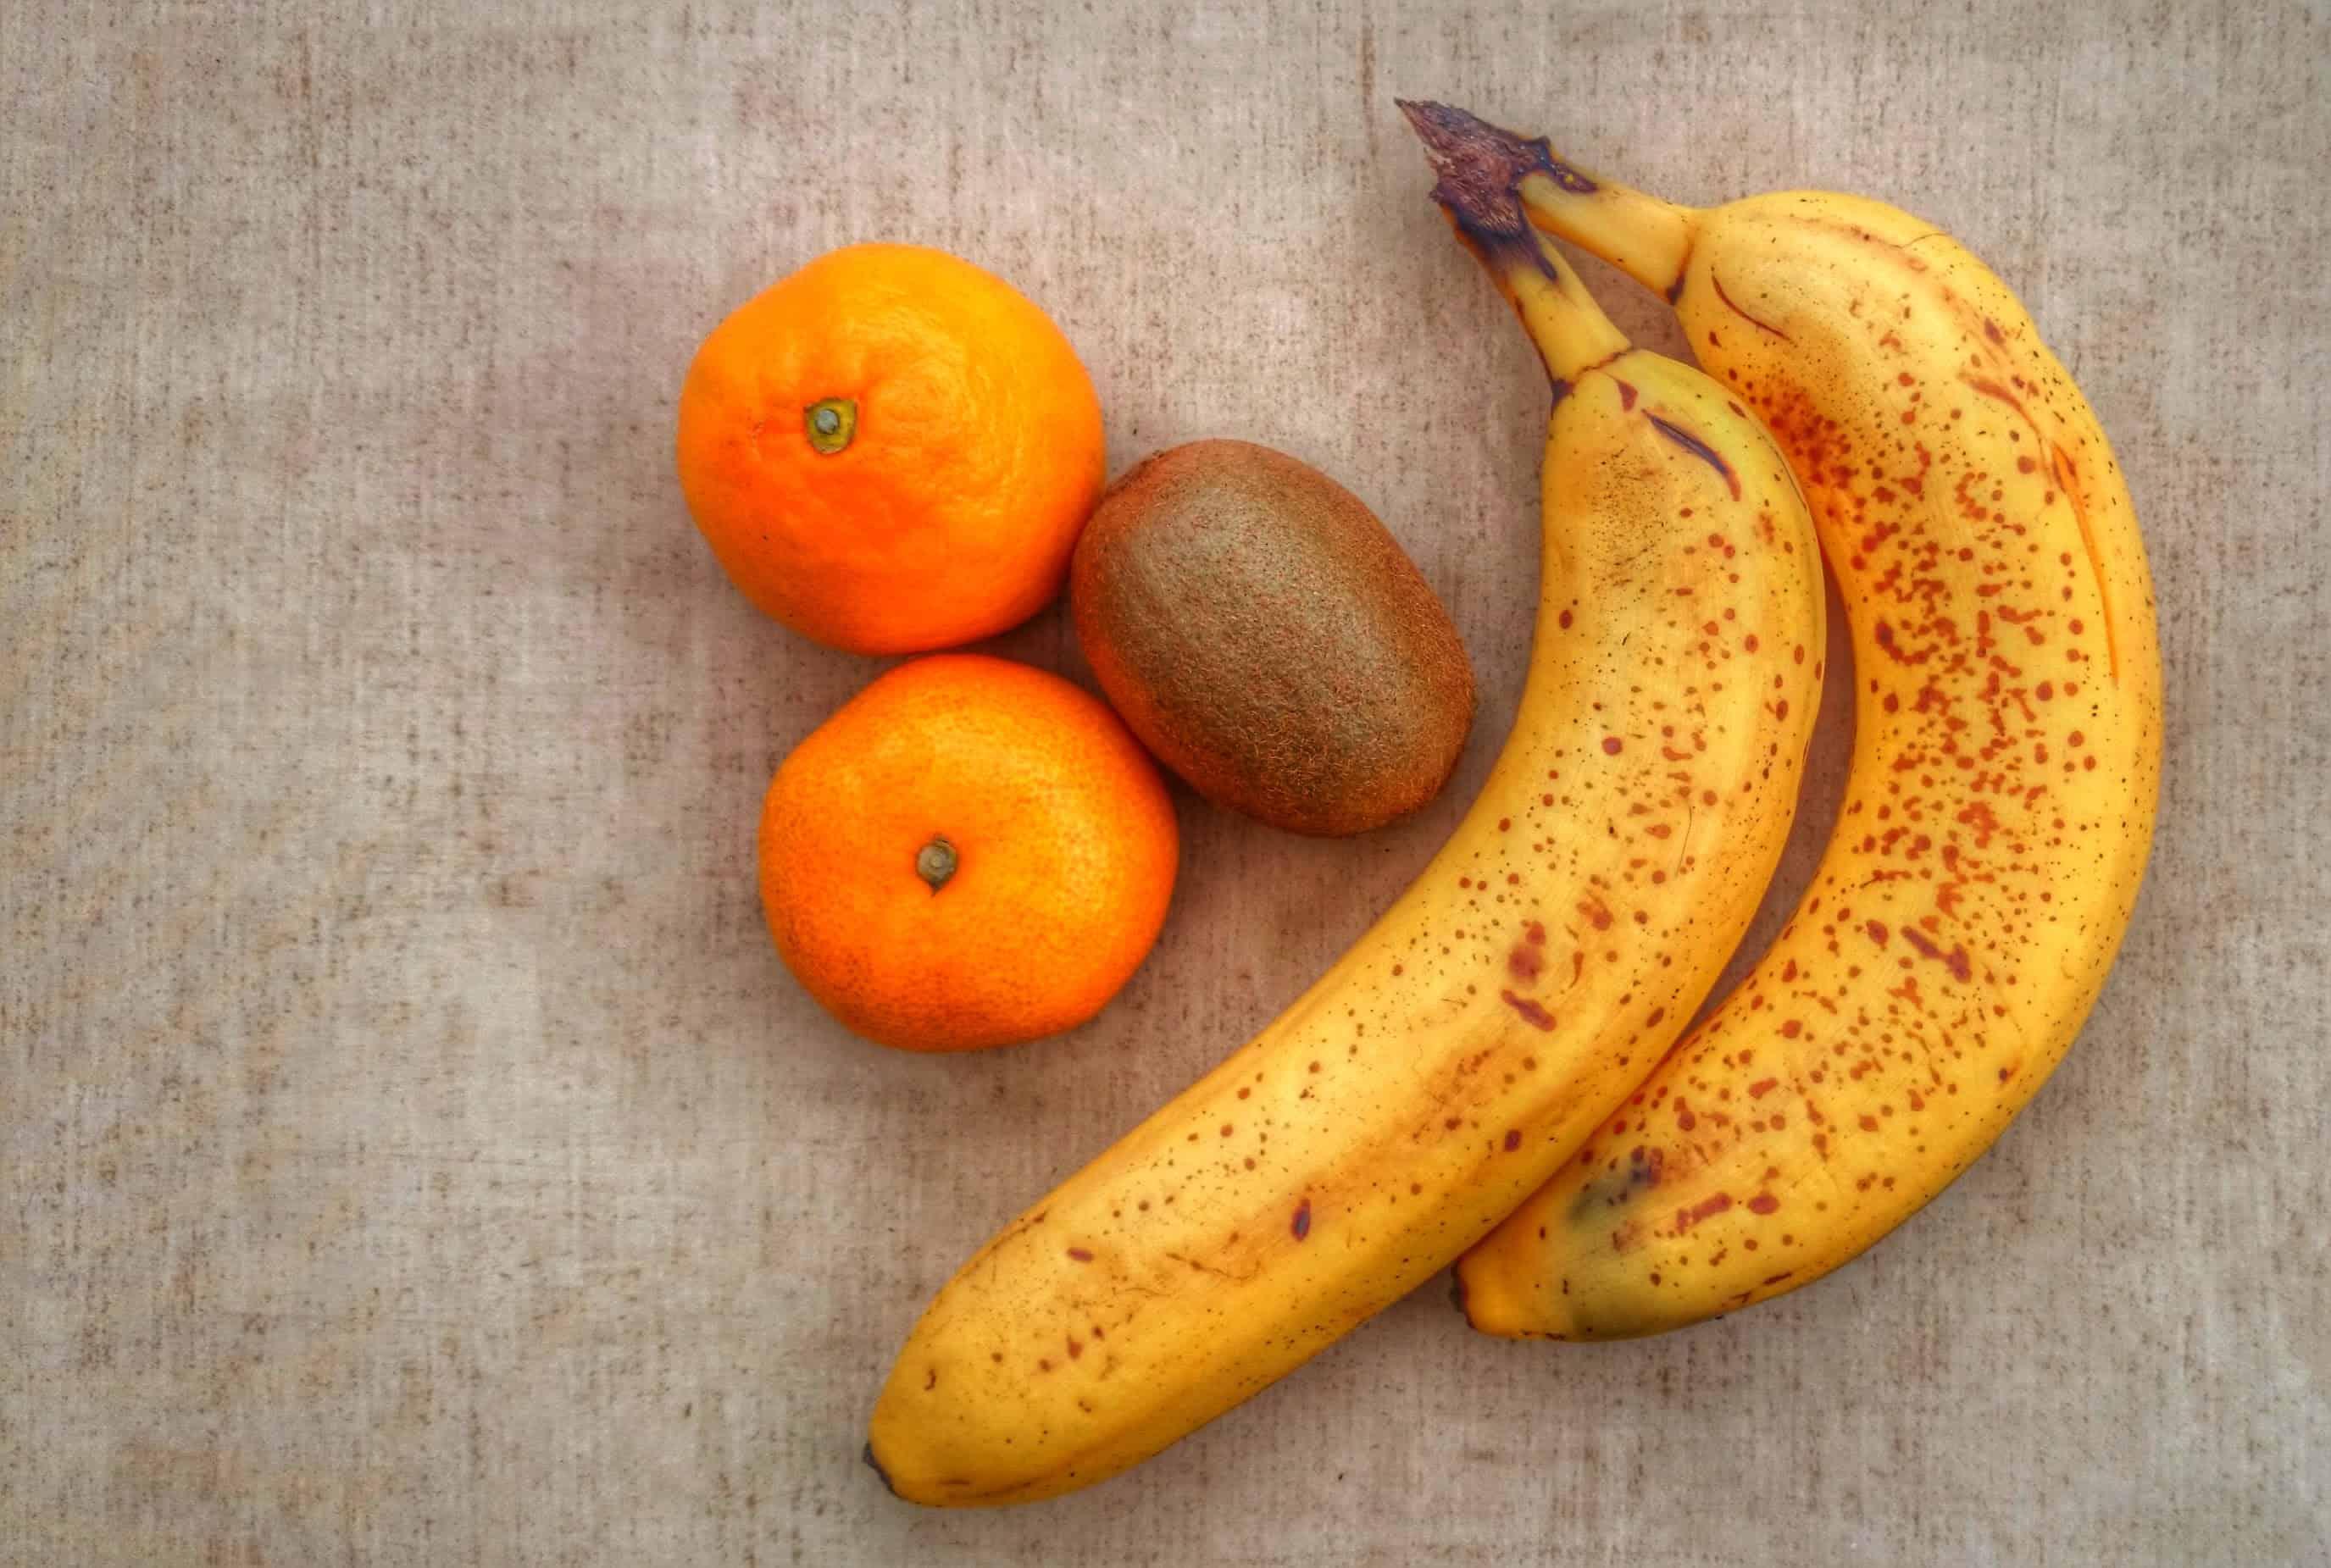 Sweet-Enough Vegan Banana, Orange, Kiwi & Oat Smoothie for Two Recipe